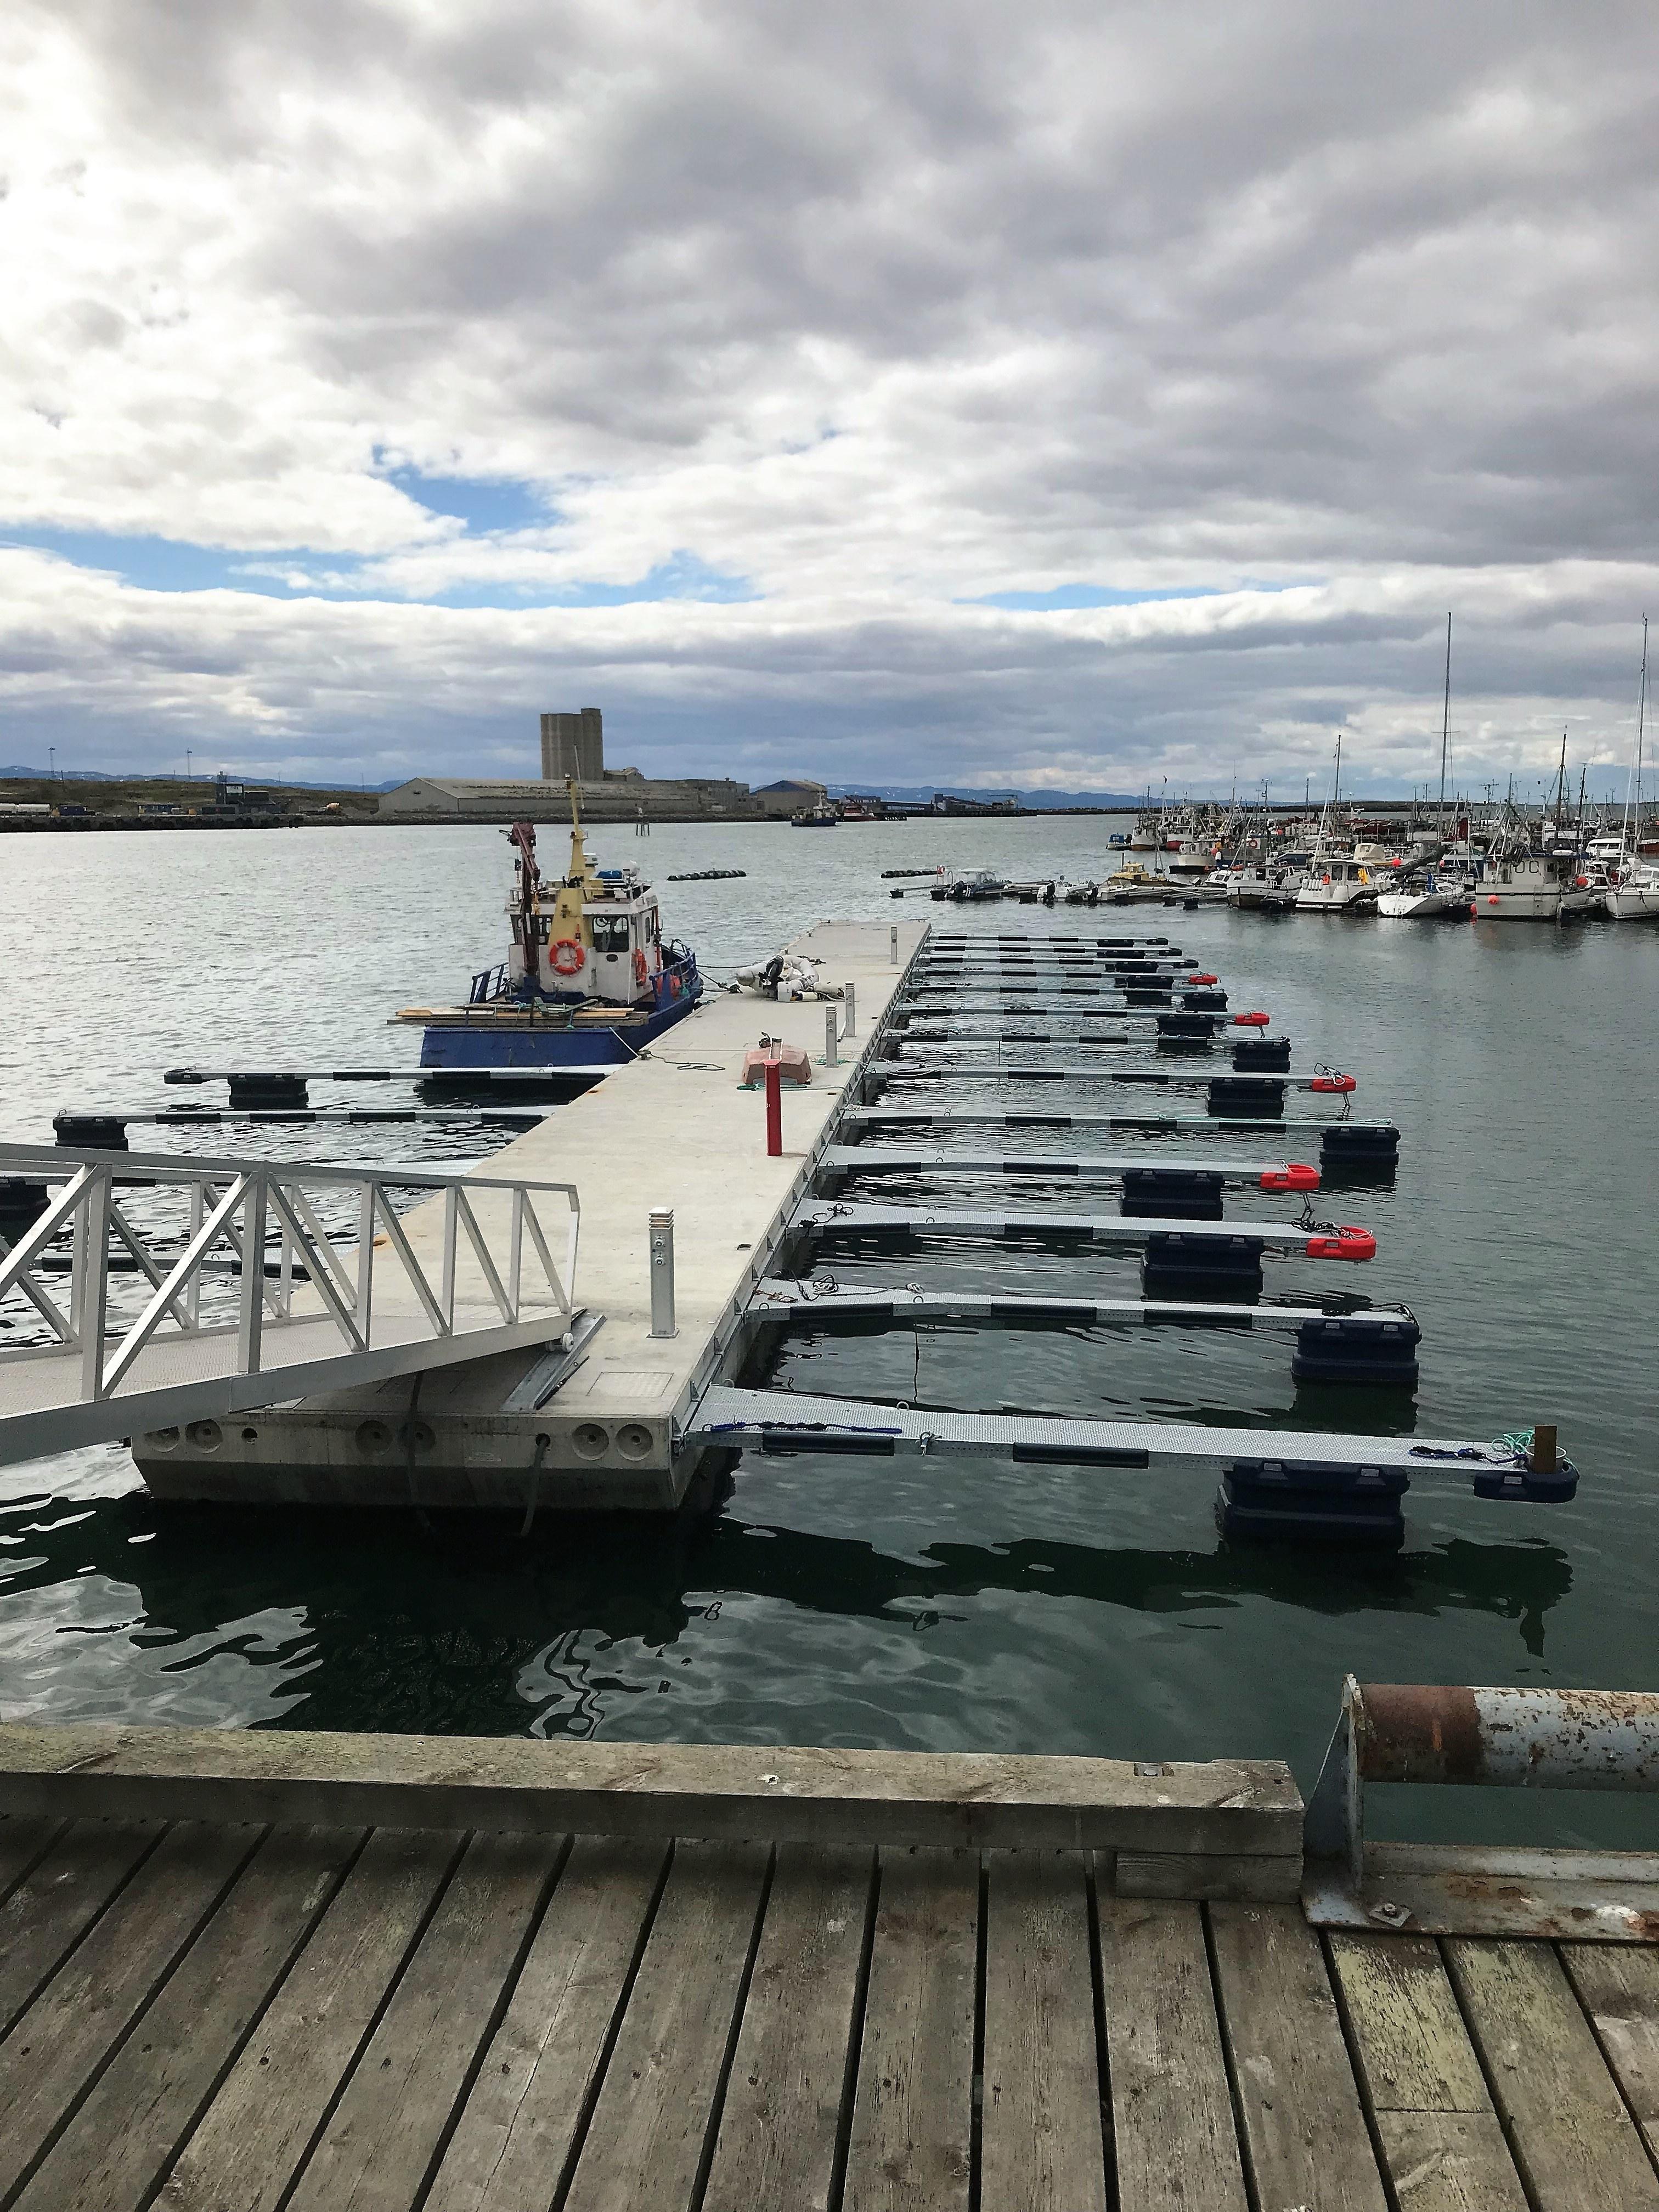 https://marinasolutions.no/uploads/Vadsø-Indre-Havn-Marina-Solutions.jpg